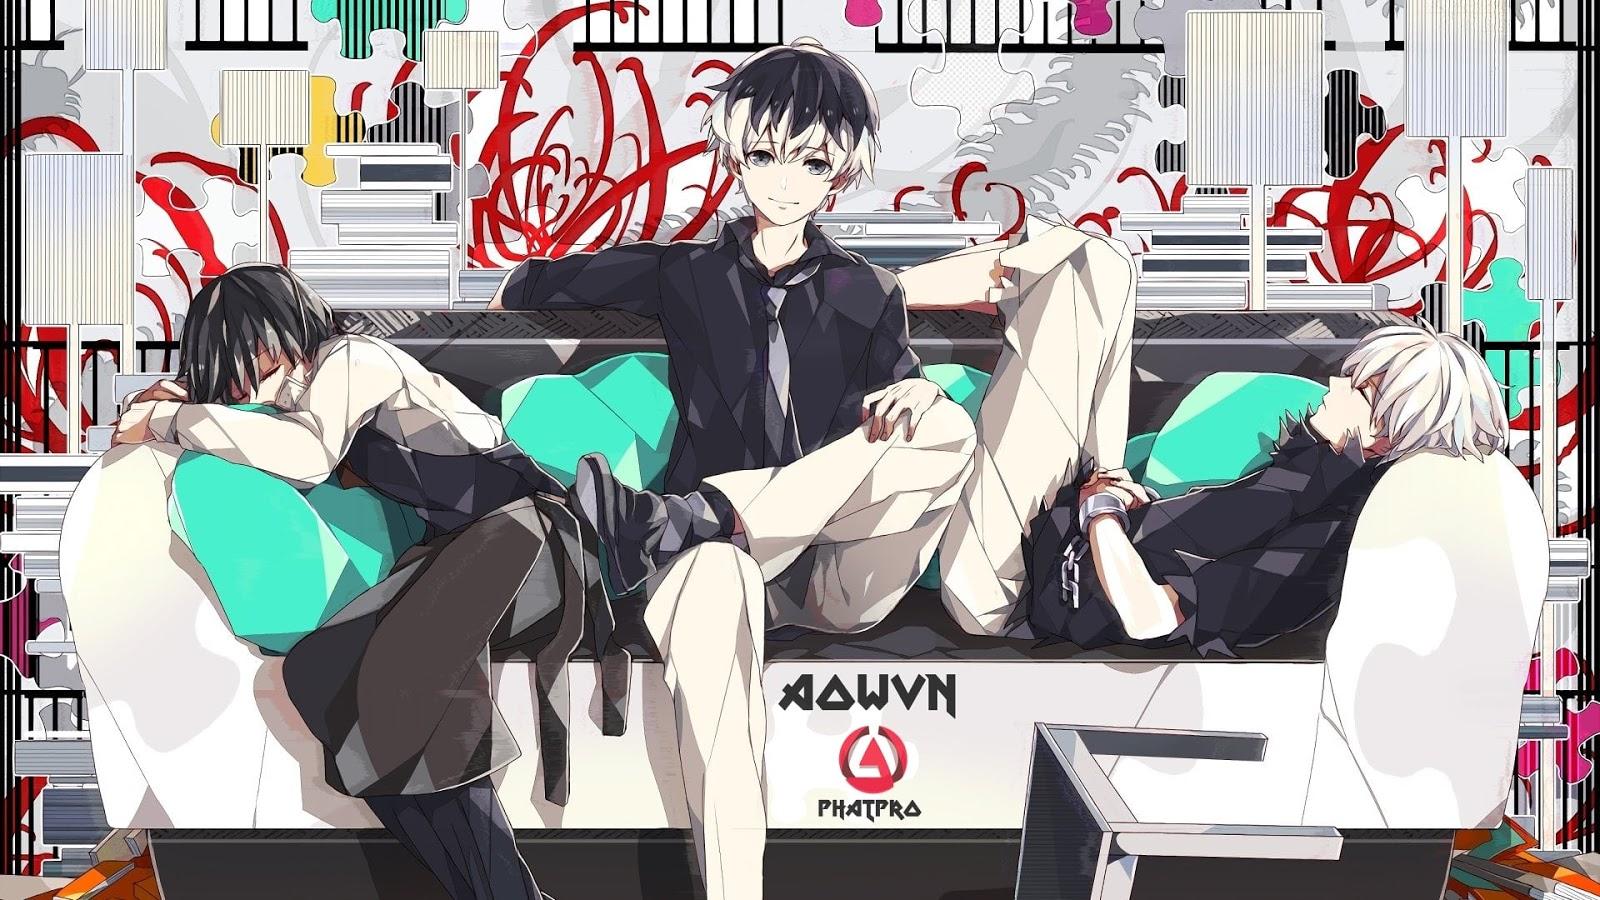 TG%2B4%2B %2BPhatpro%2B%25282%2529 min - [ Anime 3gp Mp4 ] Tokyo Ghoul: Re SS4 | Vietsub - Chặng Đường Cuối Cùng Của Tuyệt Phẩm - Siêu Hay